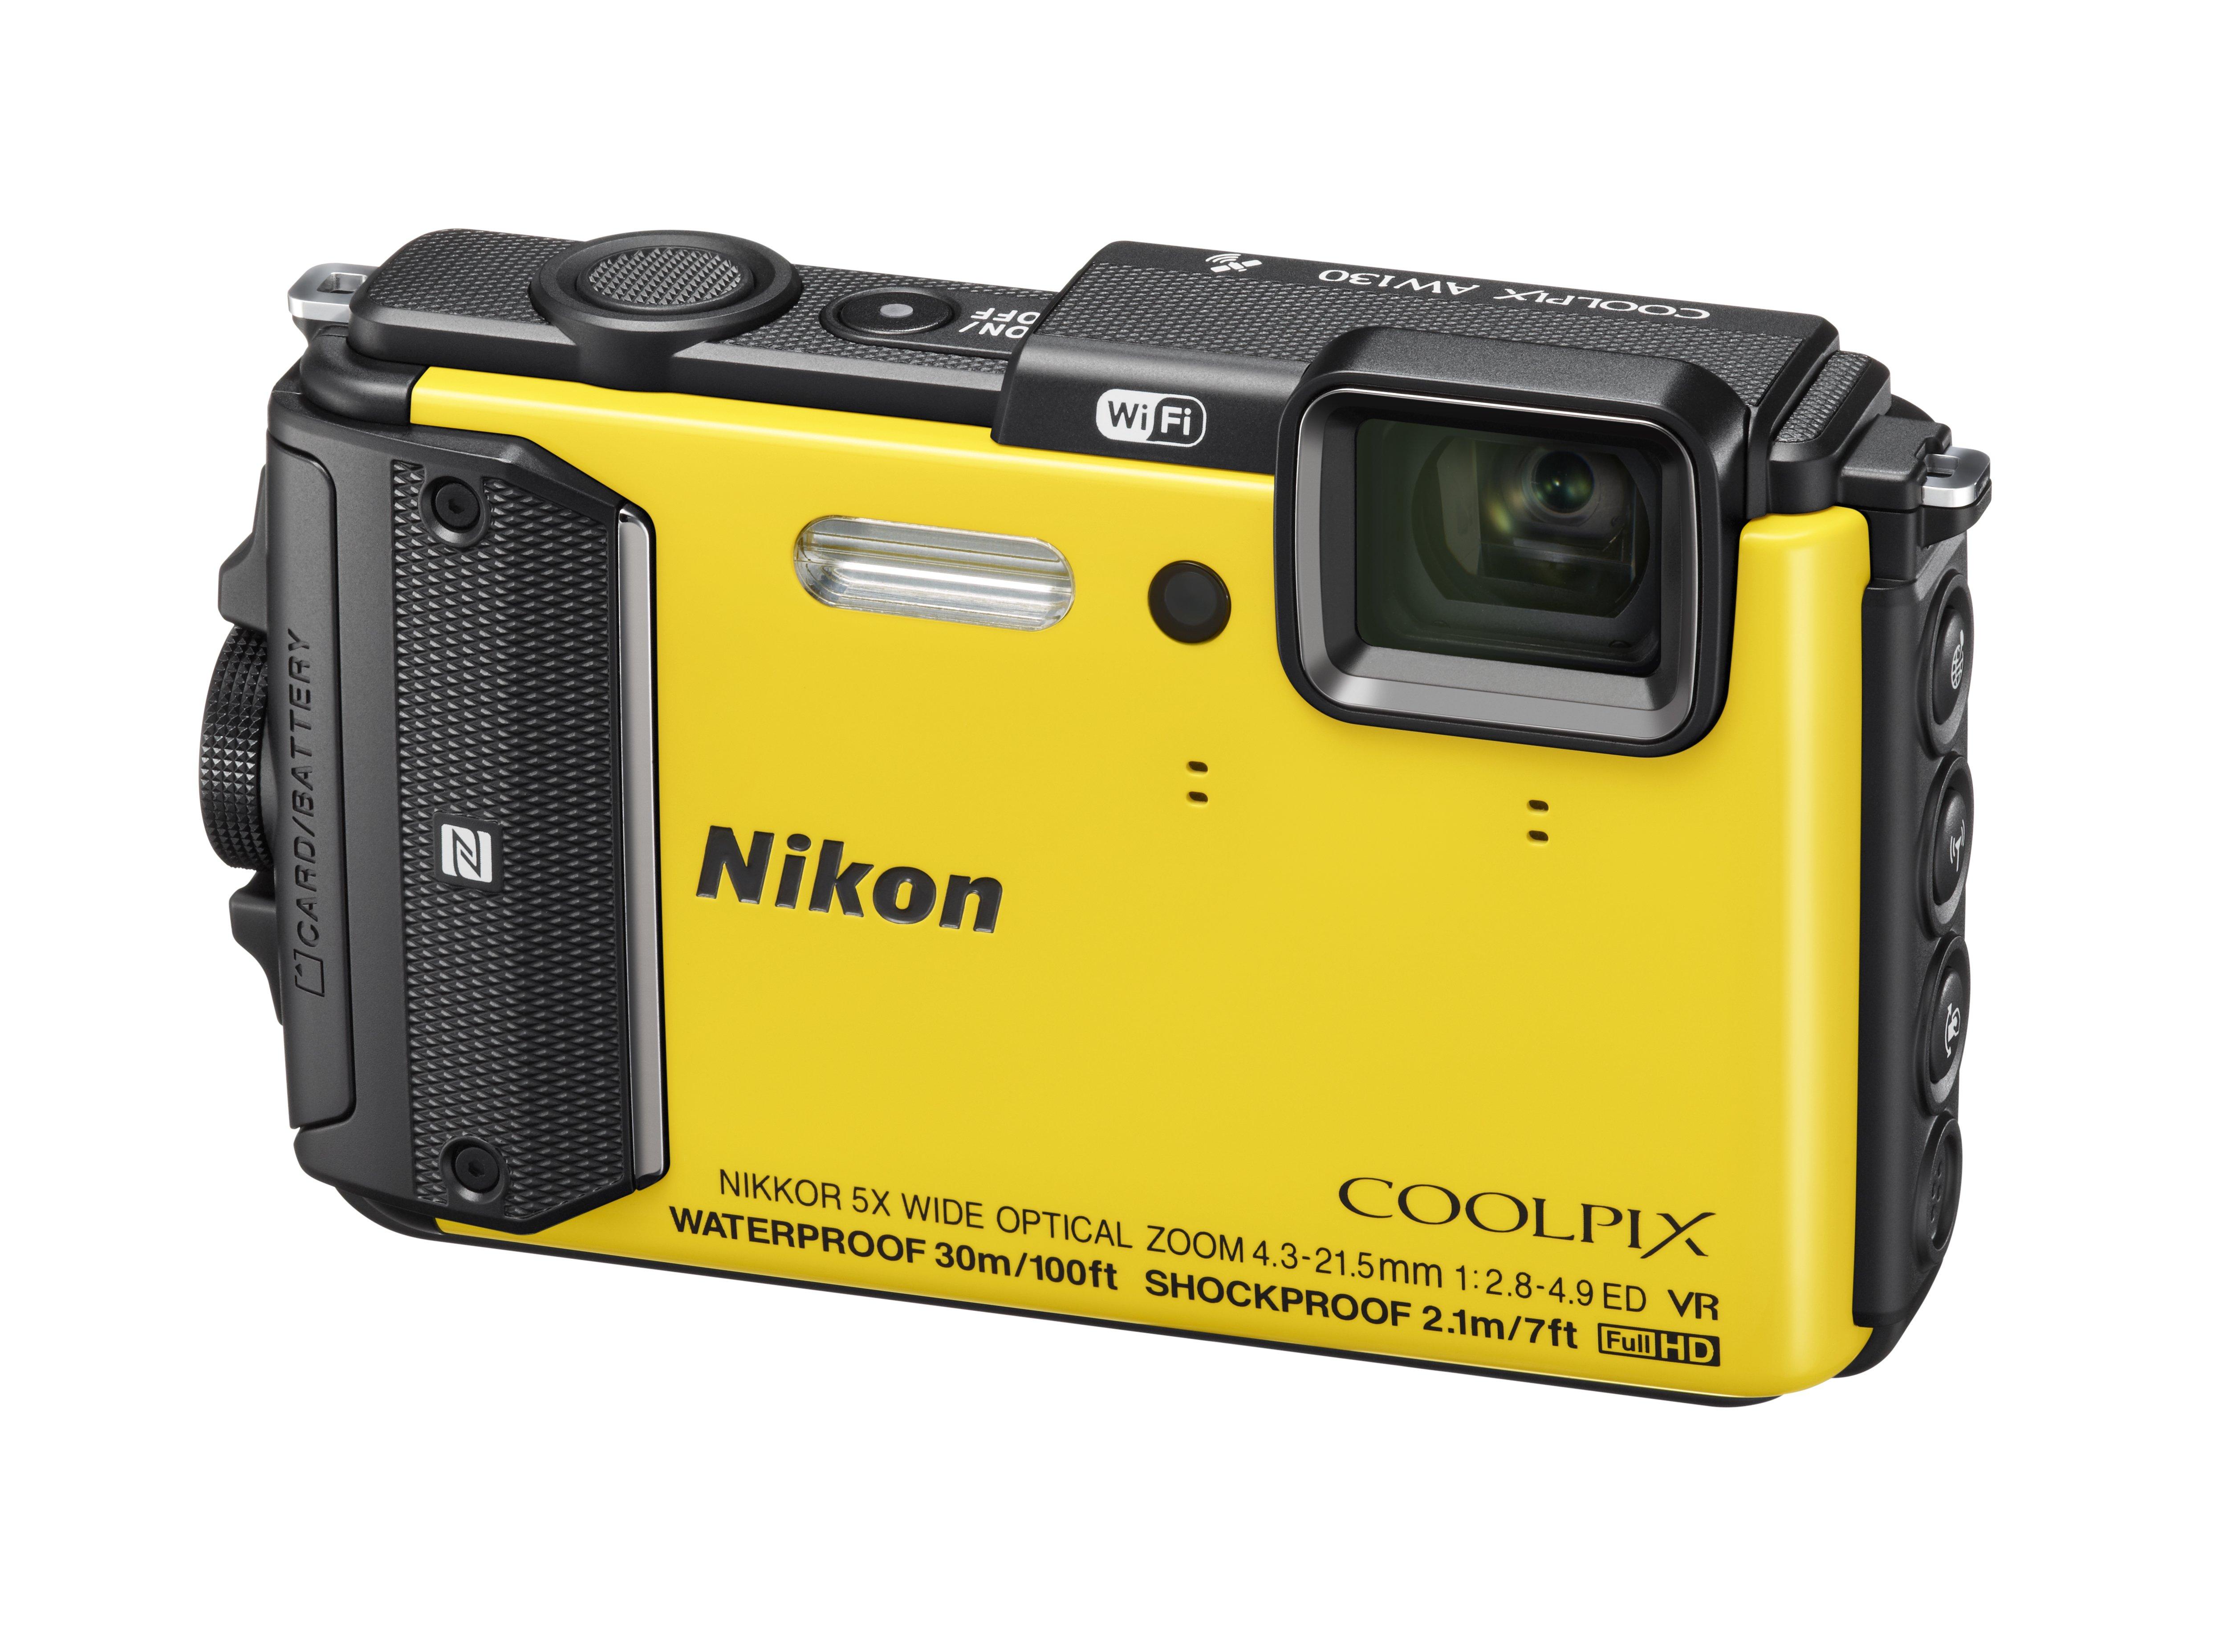 NIKON COOLPIX AW130 žlutý + SDHC 16 GB